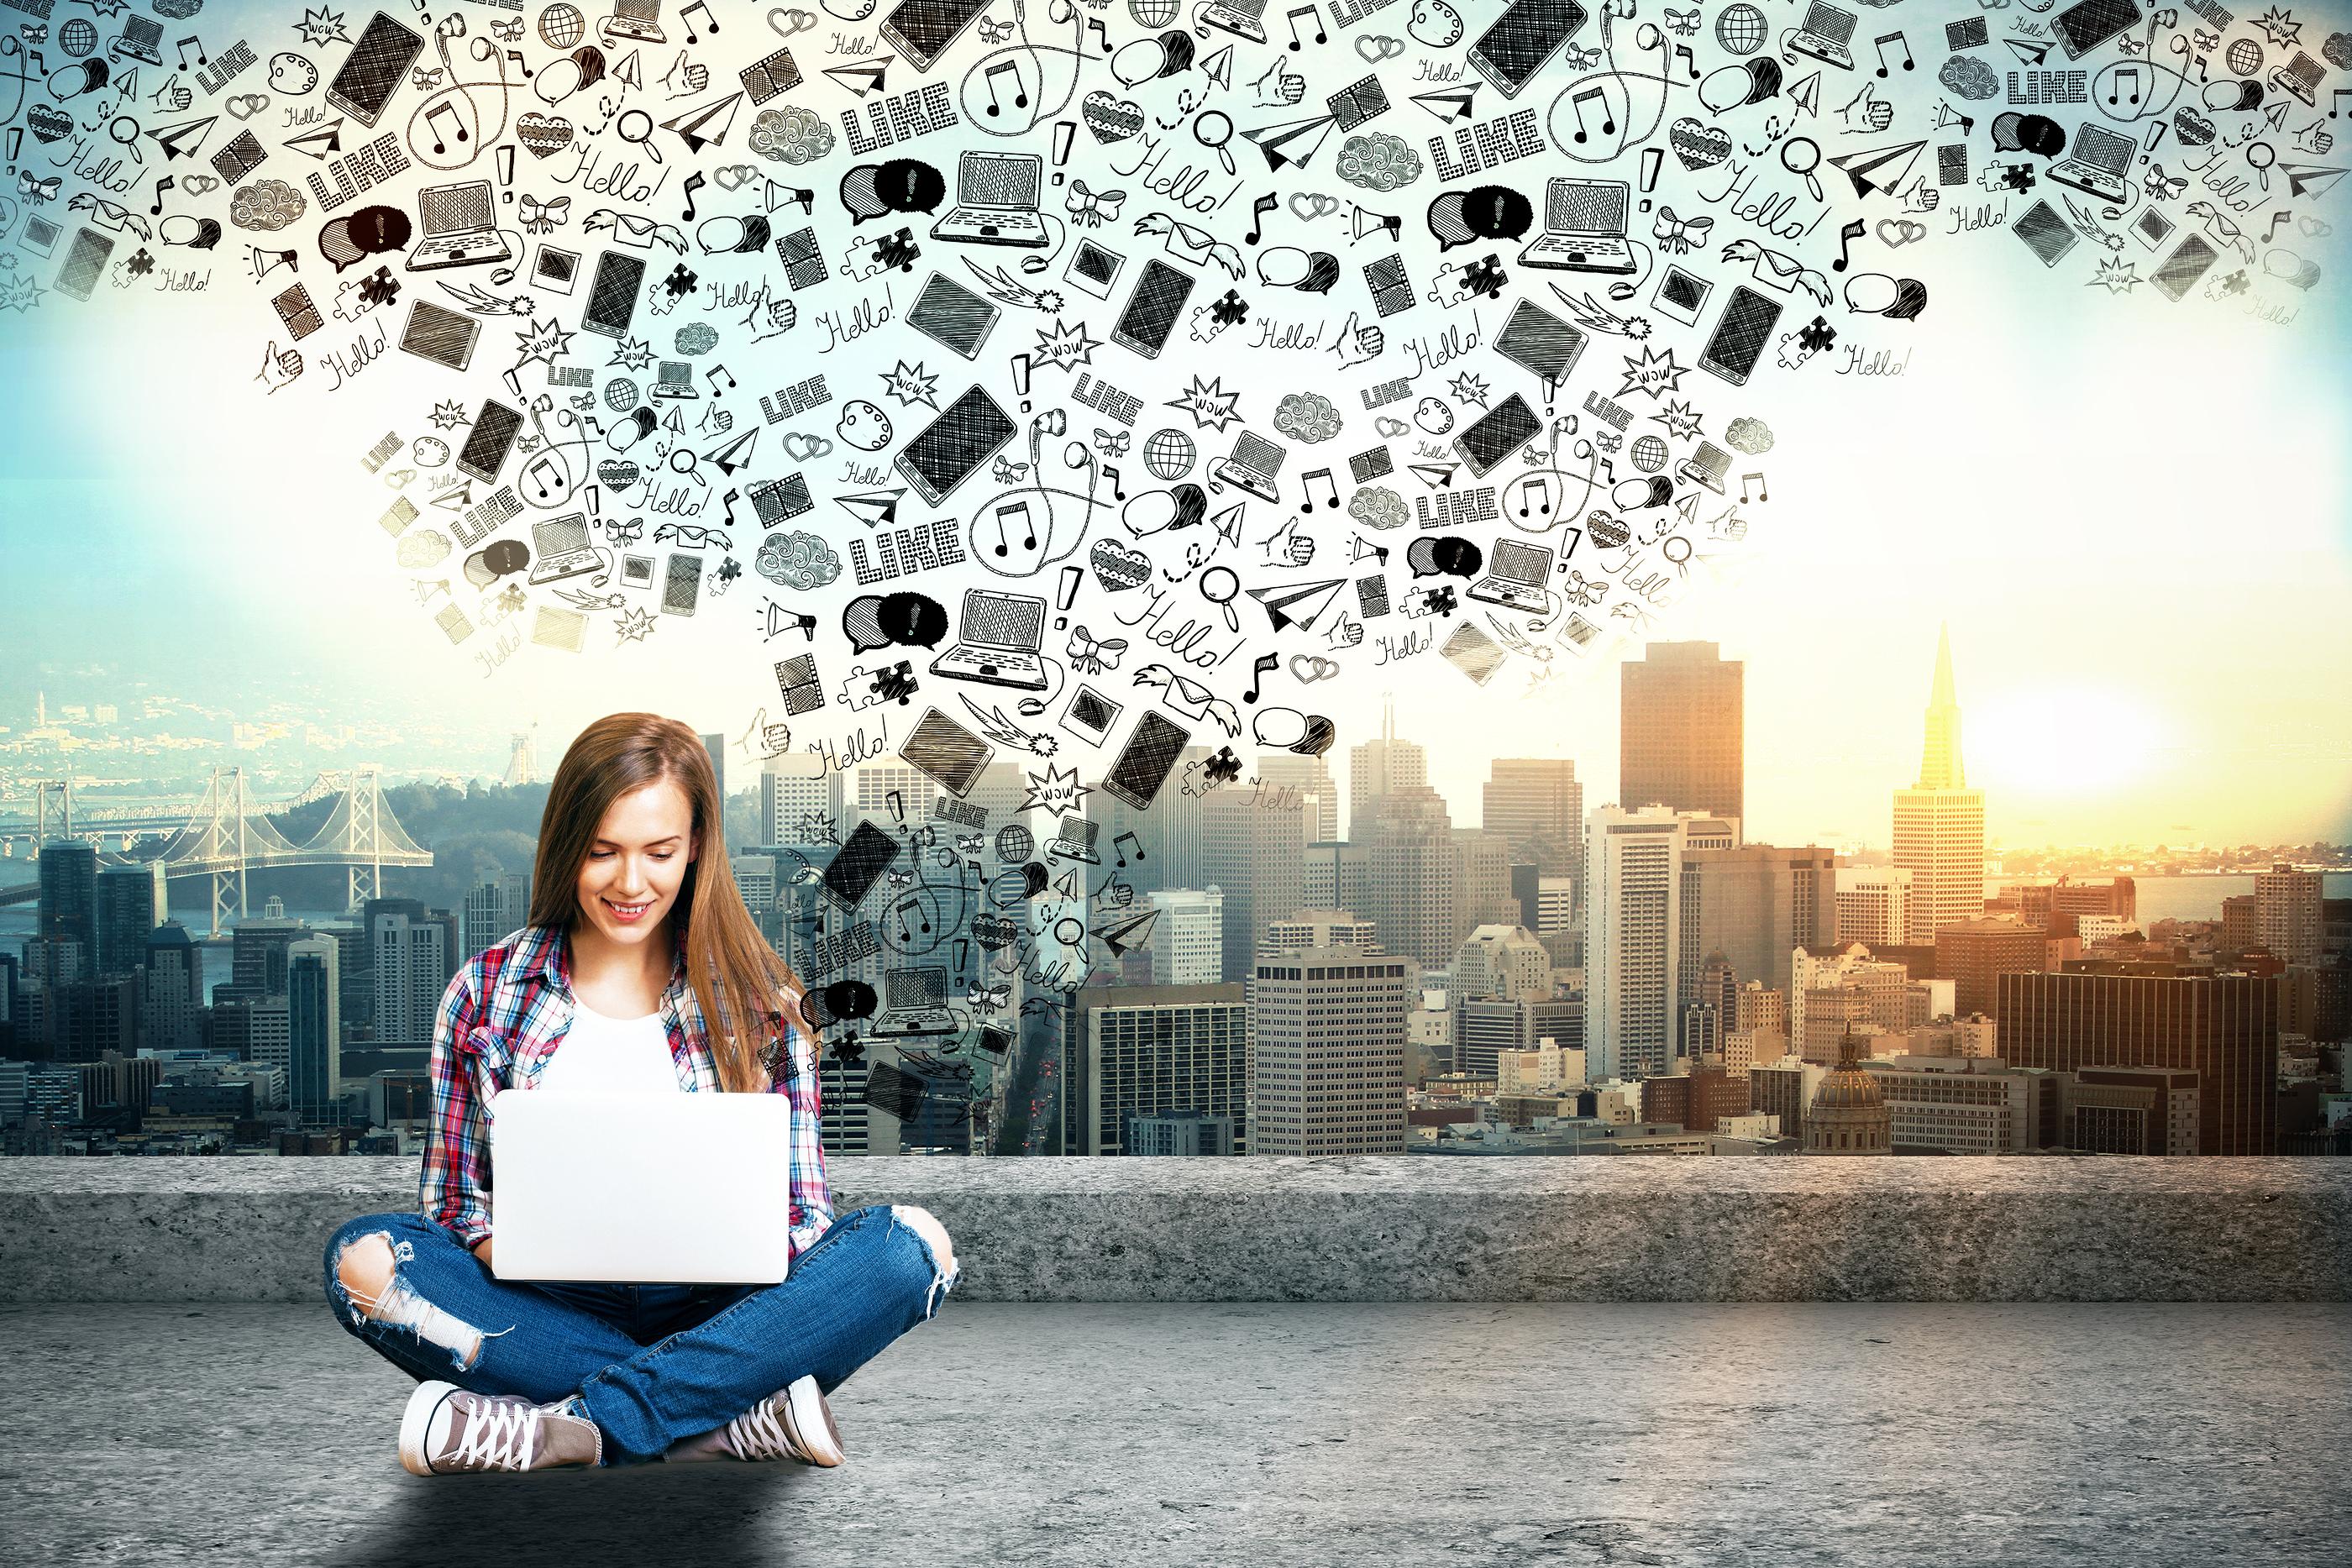 10 способов вовлечь аудиторию в обсуждение в соцсетях